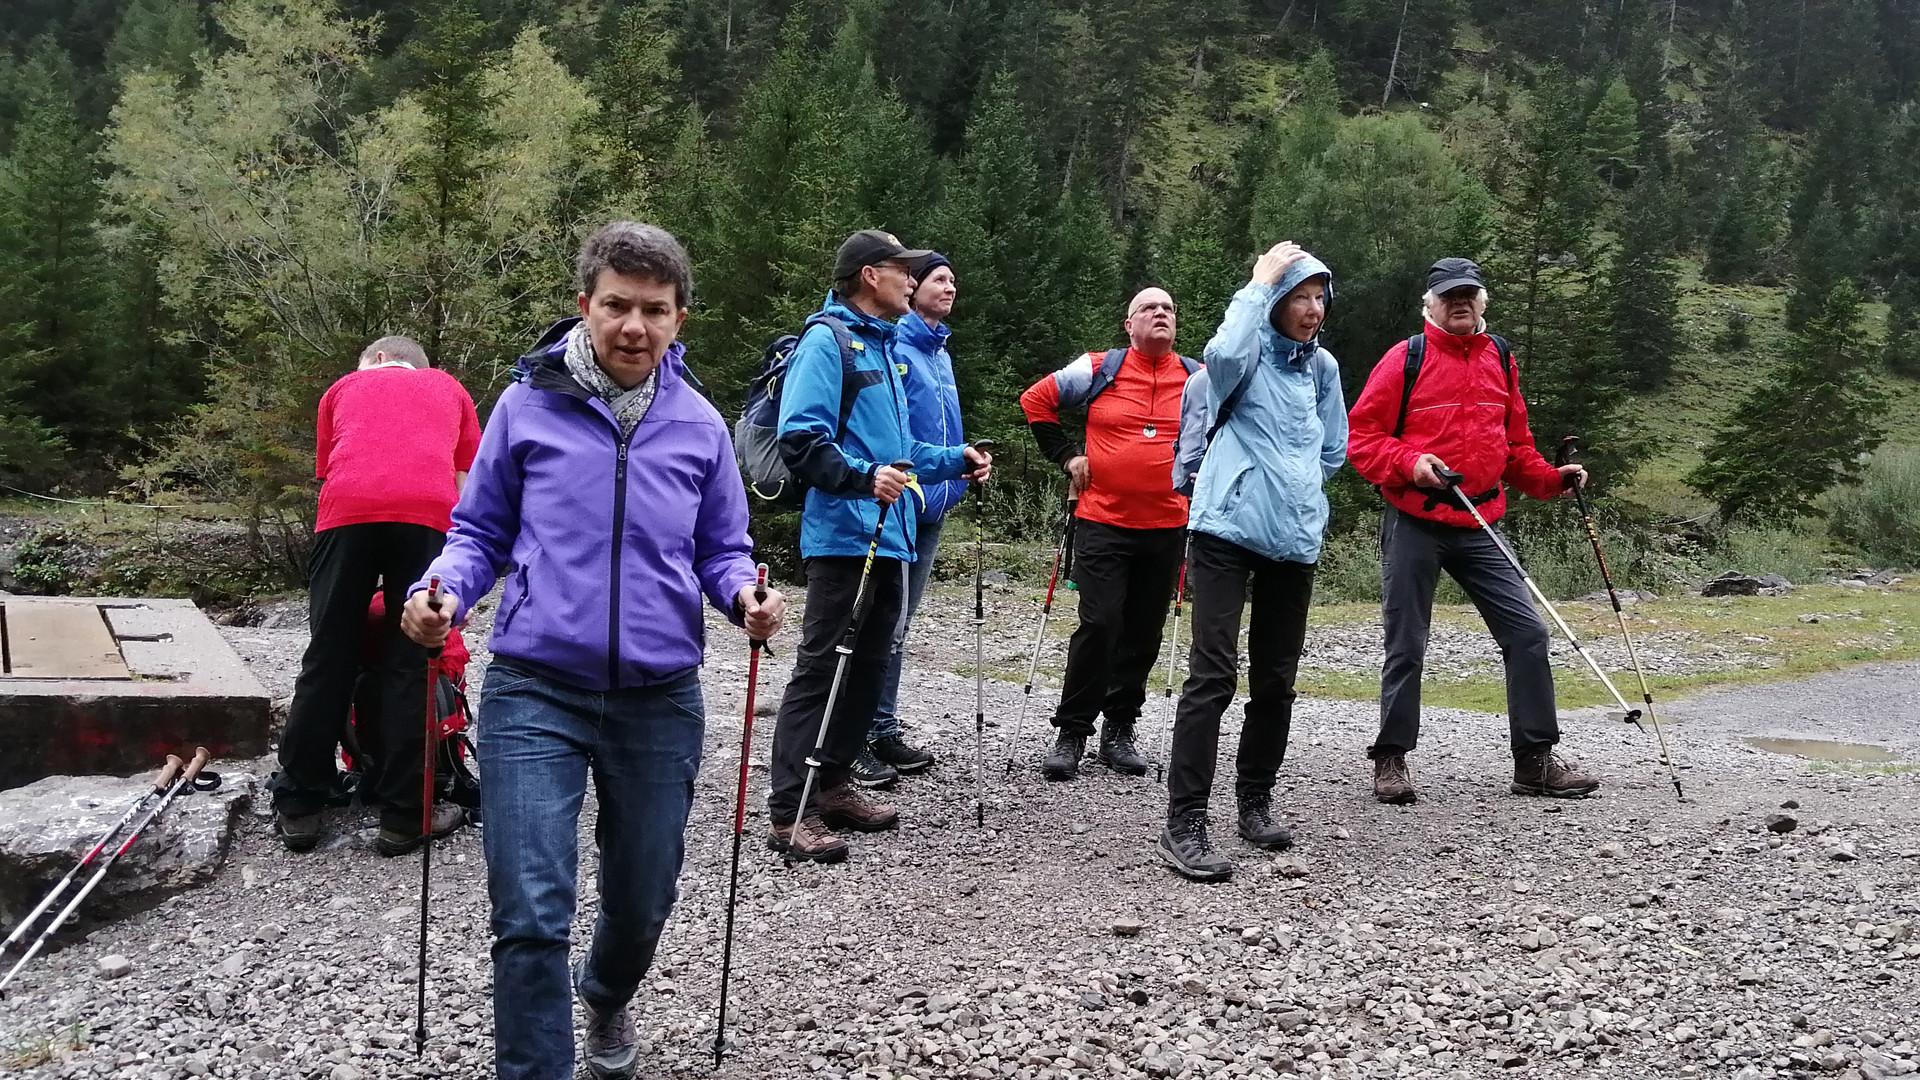 2019-09-27 Wanderung Lechtal (10).jpg